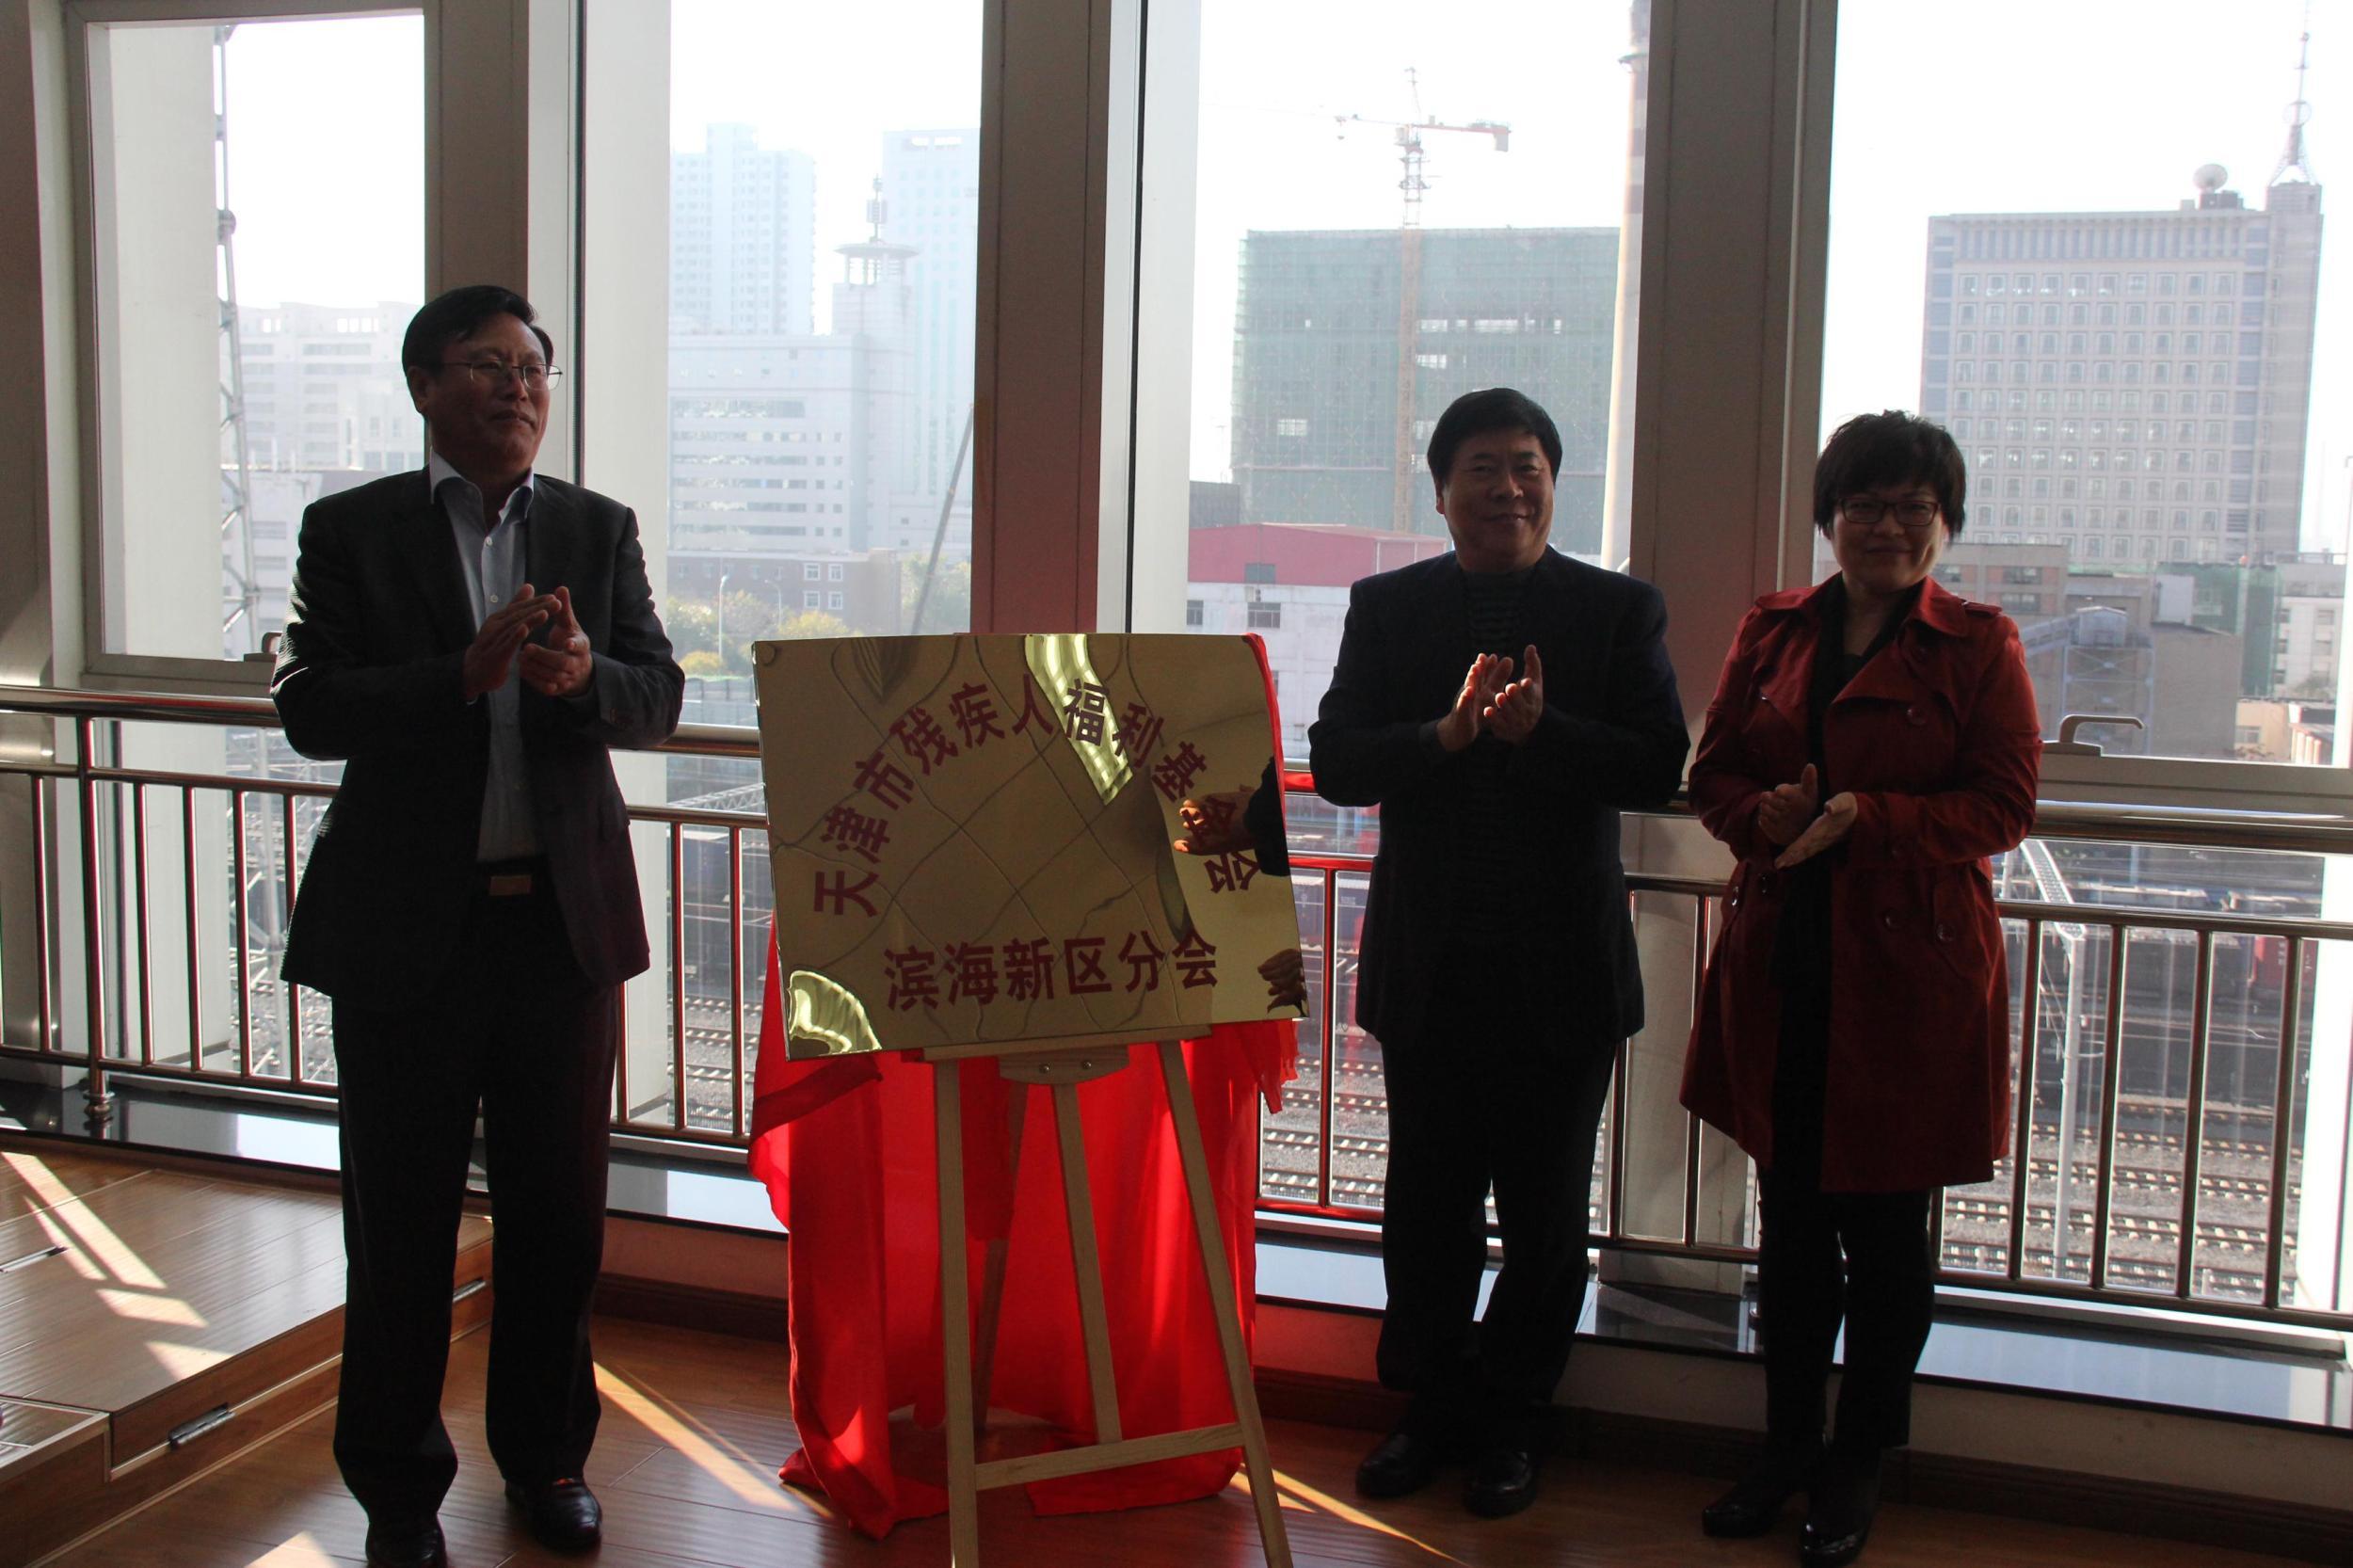 为天津市残疾人福利基金会滨海新区分会成立揭牌